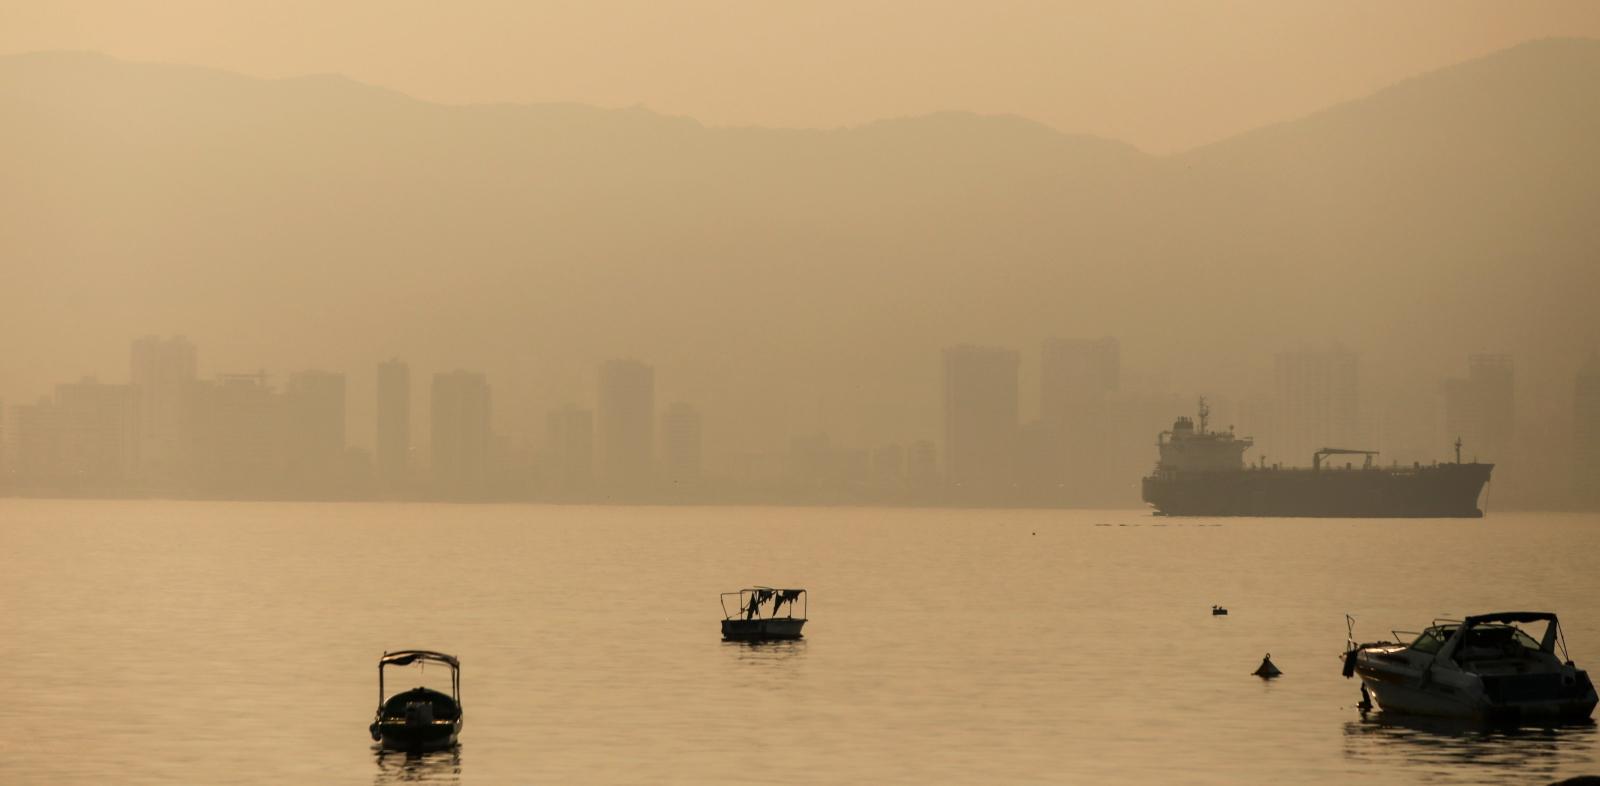 Zapylenie w Acapulco w Meksyku  EPA/David Guzman